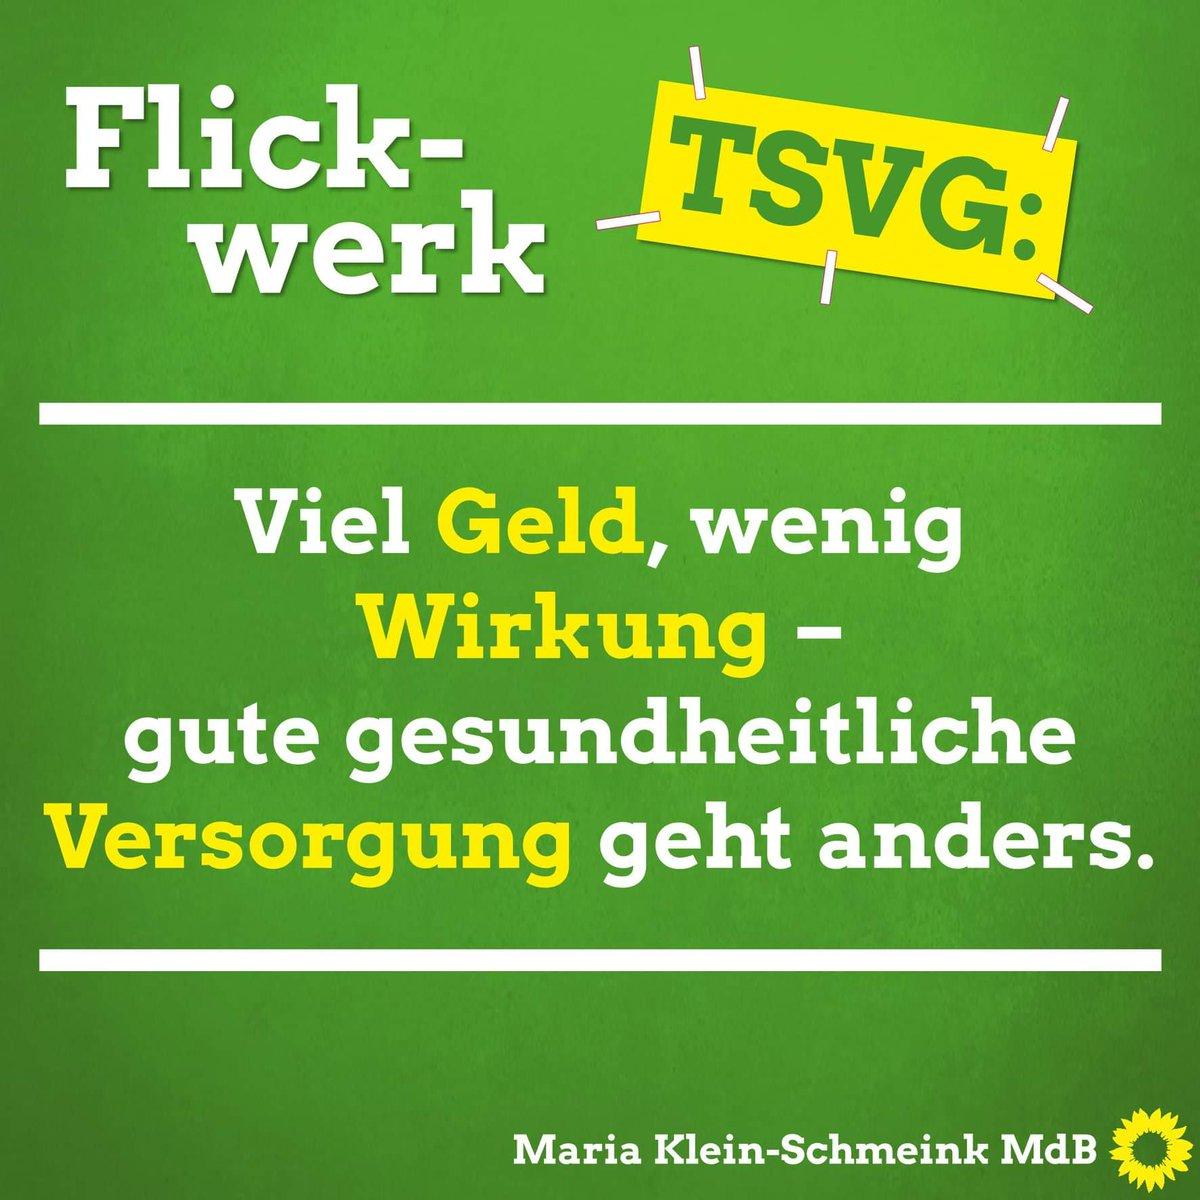 Maria Klein-Schmeink's photo on #TSVG